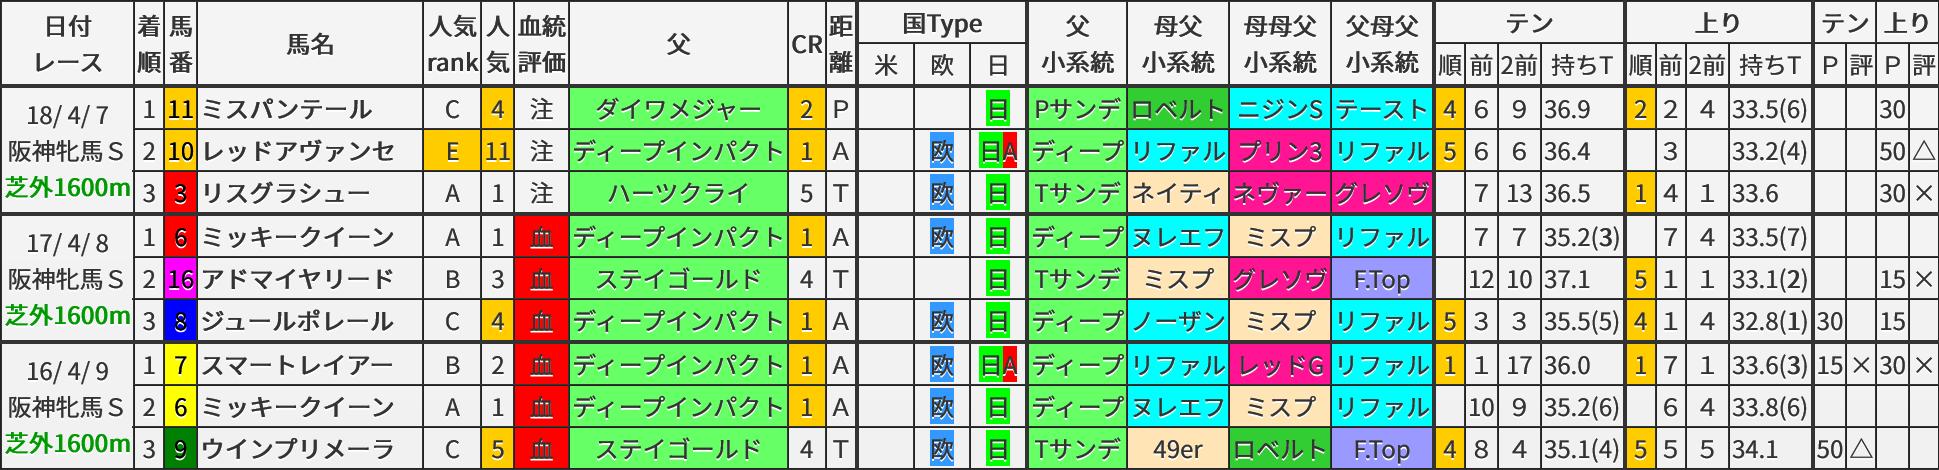 阪神牝馬S 過去3年ブラッドバイアス